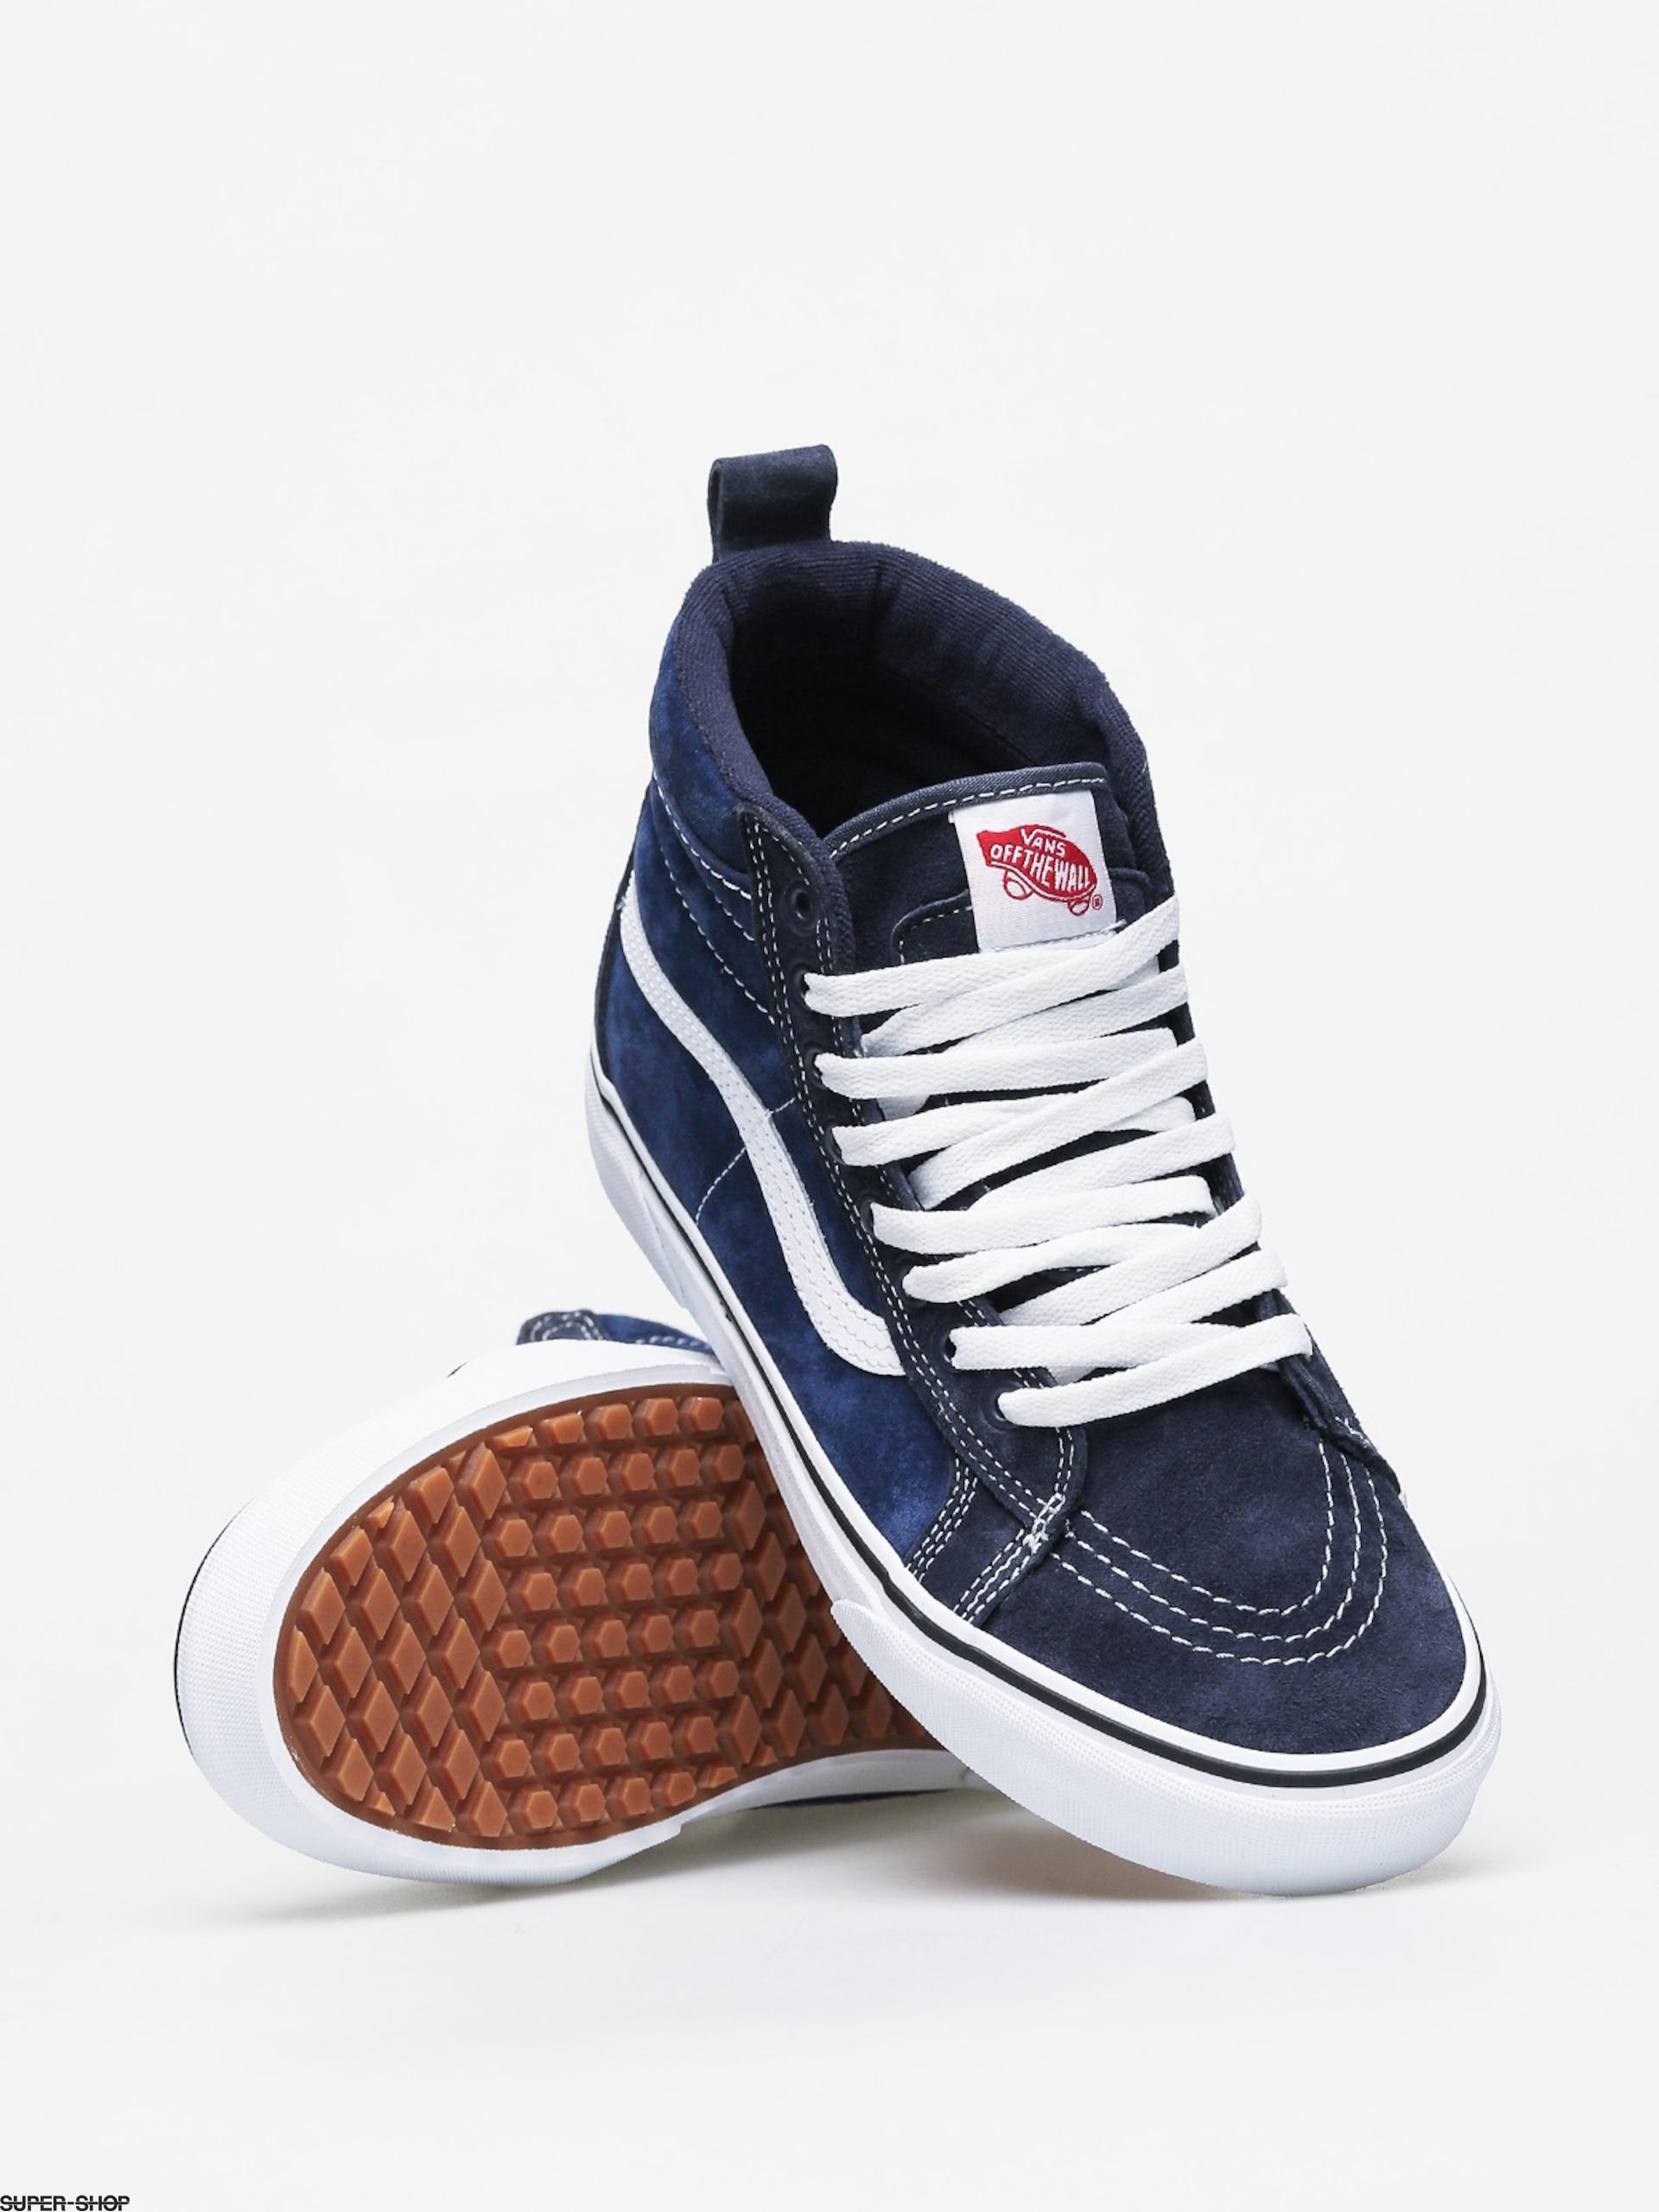 vans sk8 hi mte shoes navy true white vans sk8 hi mte shoes navy true white